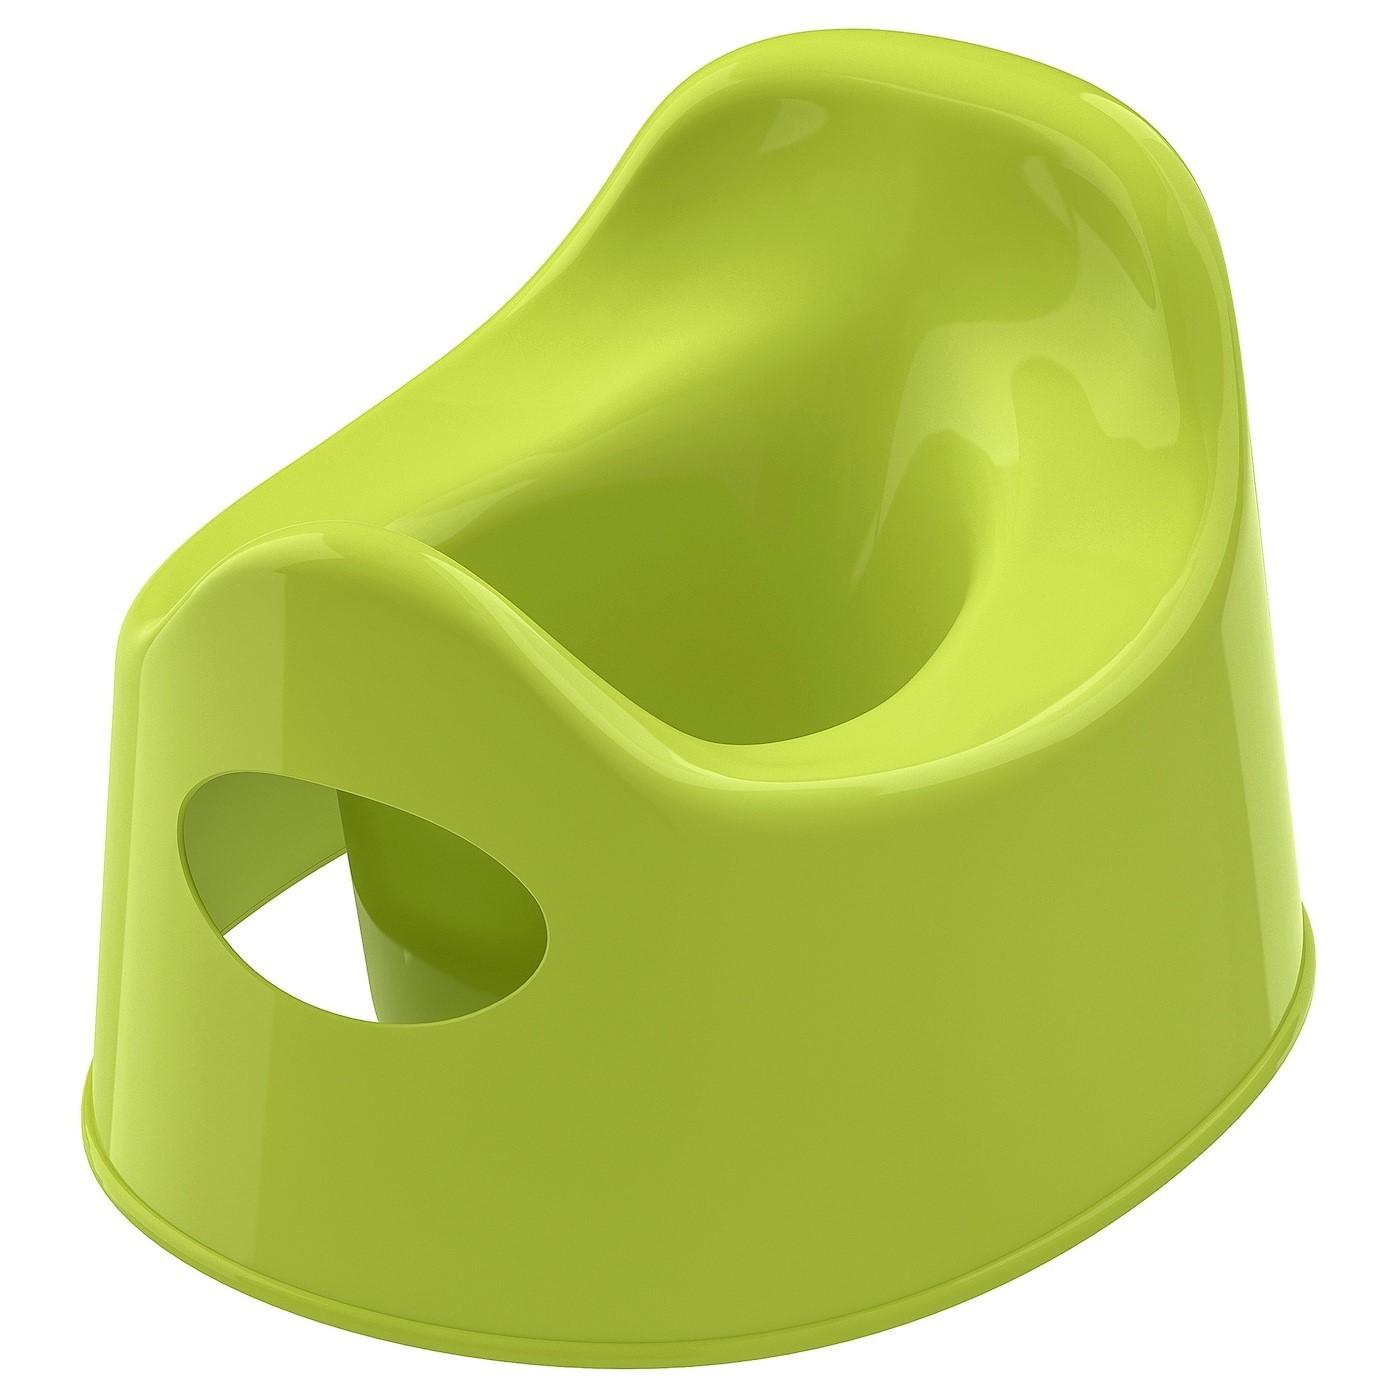 IKEA LILLA горшок зеленый 24x18 см 301.931.63